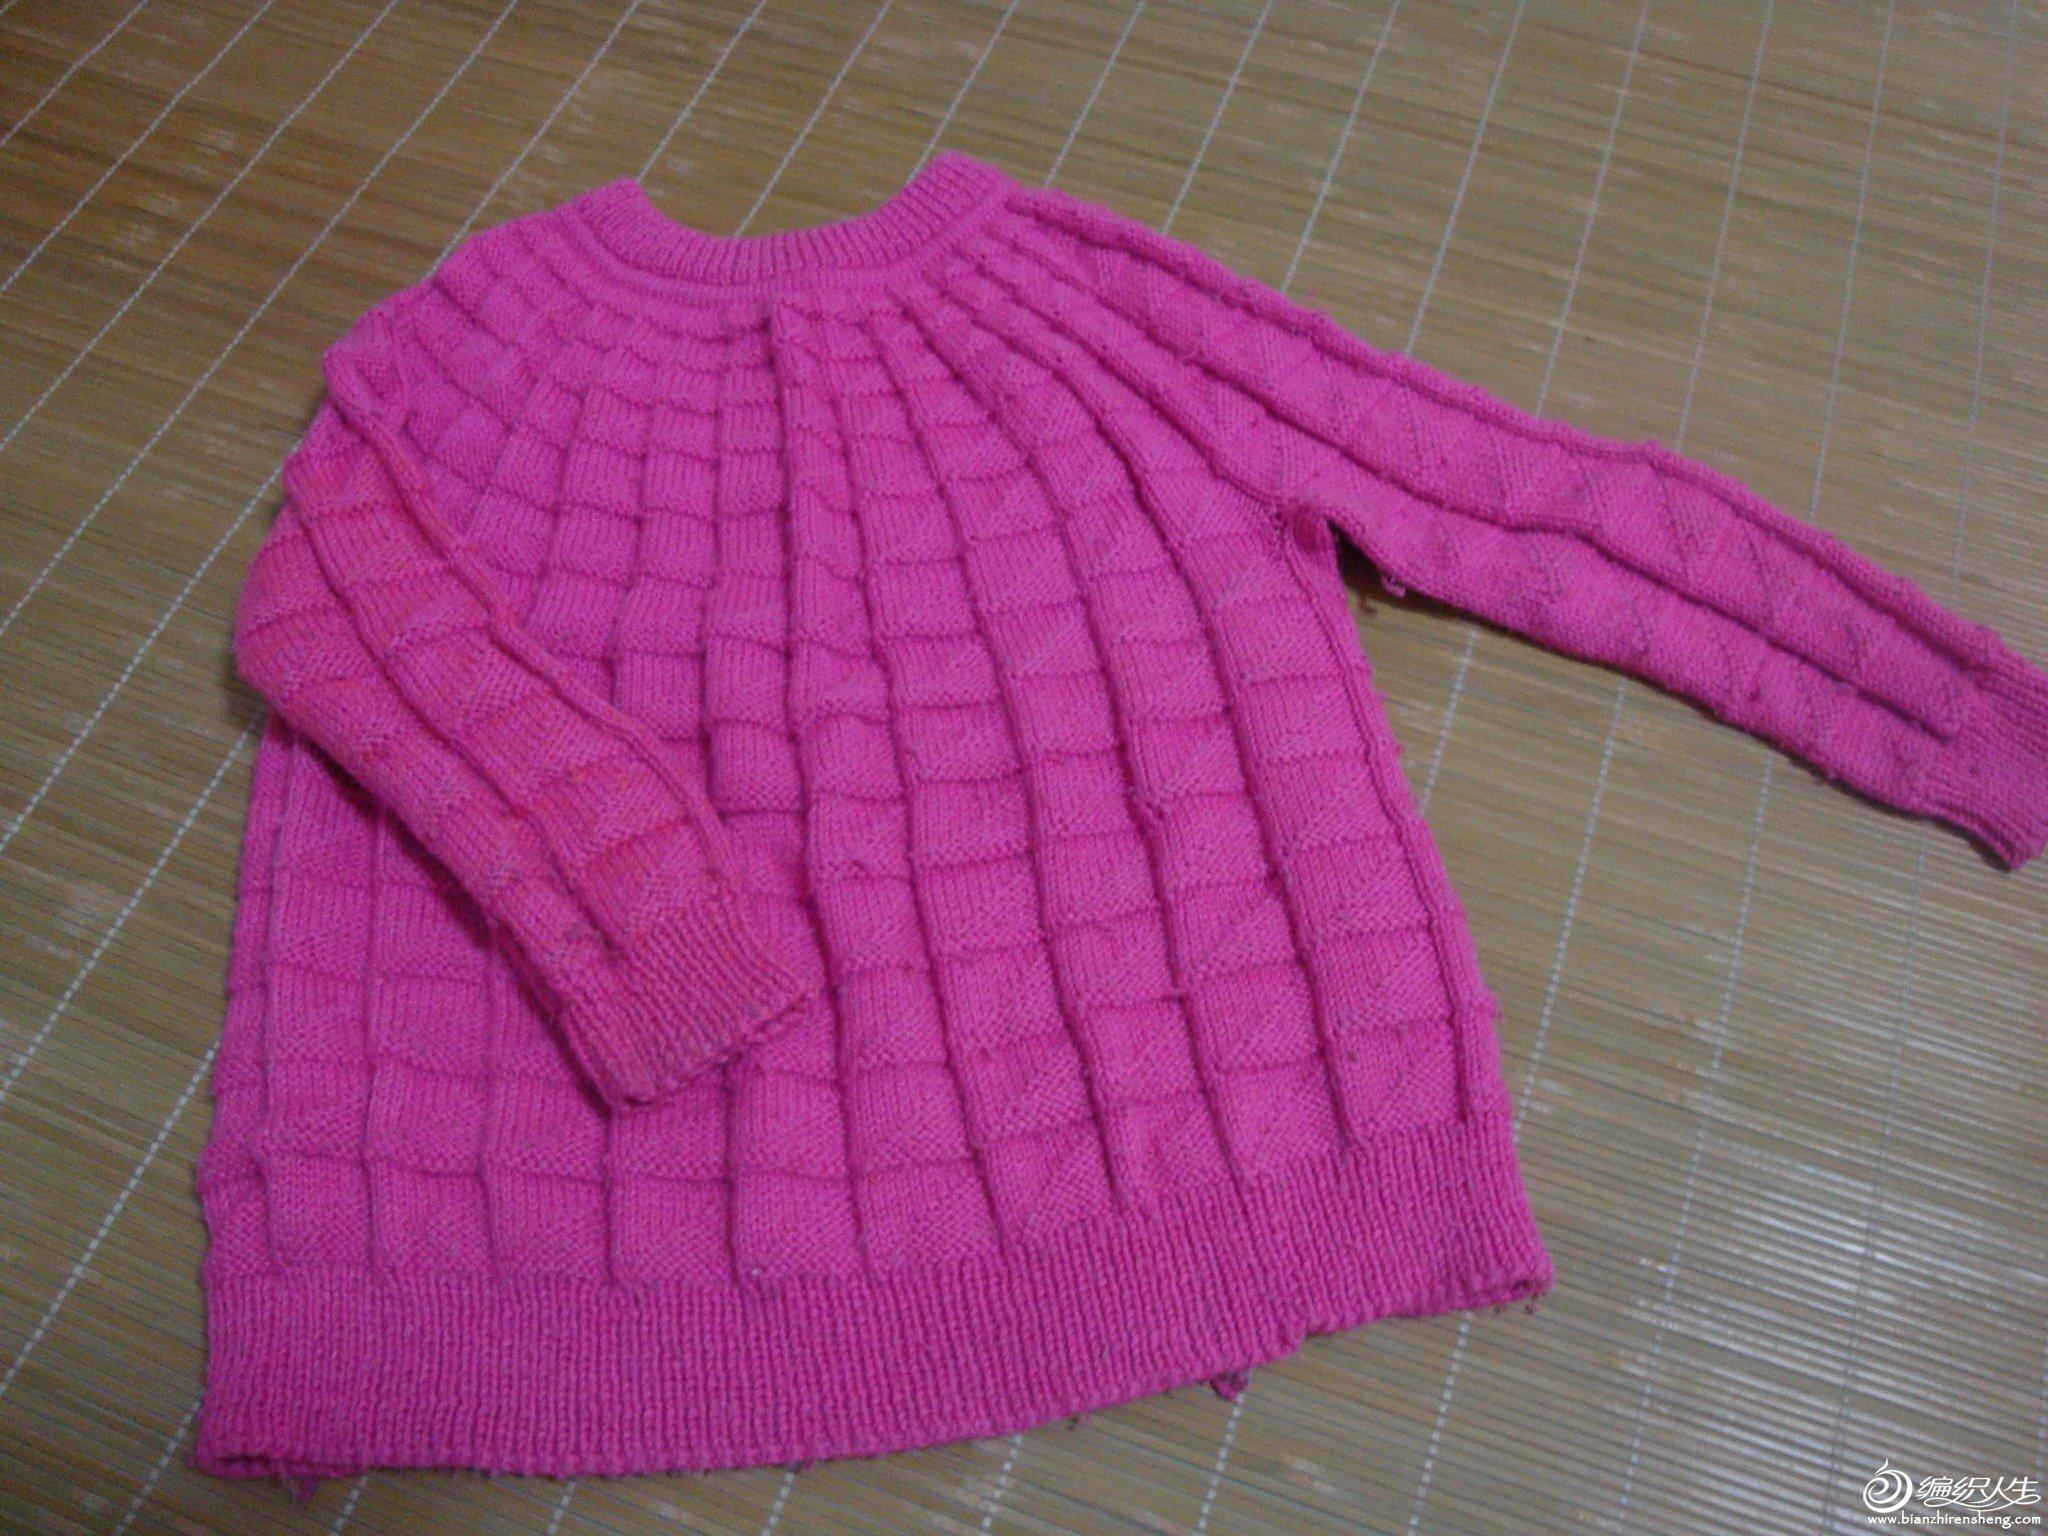 前年学织的一件女儿毛衣,刚开始织没买好线,织得也不太好,将就看看吧,已经穿得很旧了。